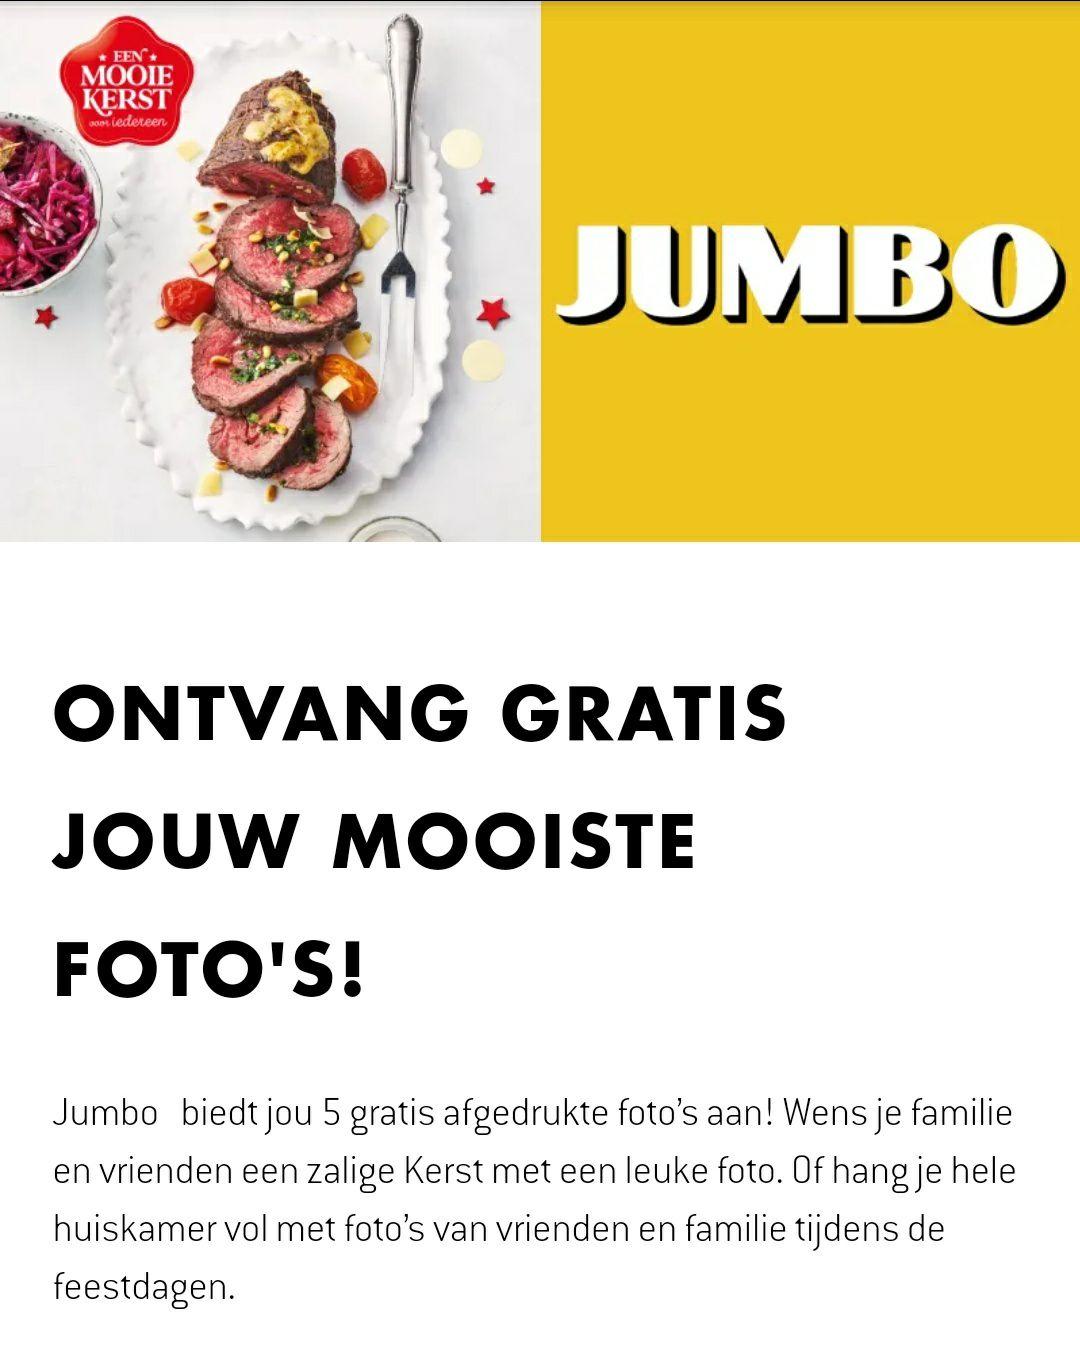 Voor Belgen: 5 gratis foto afdrukken